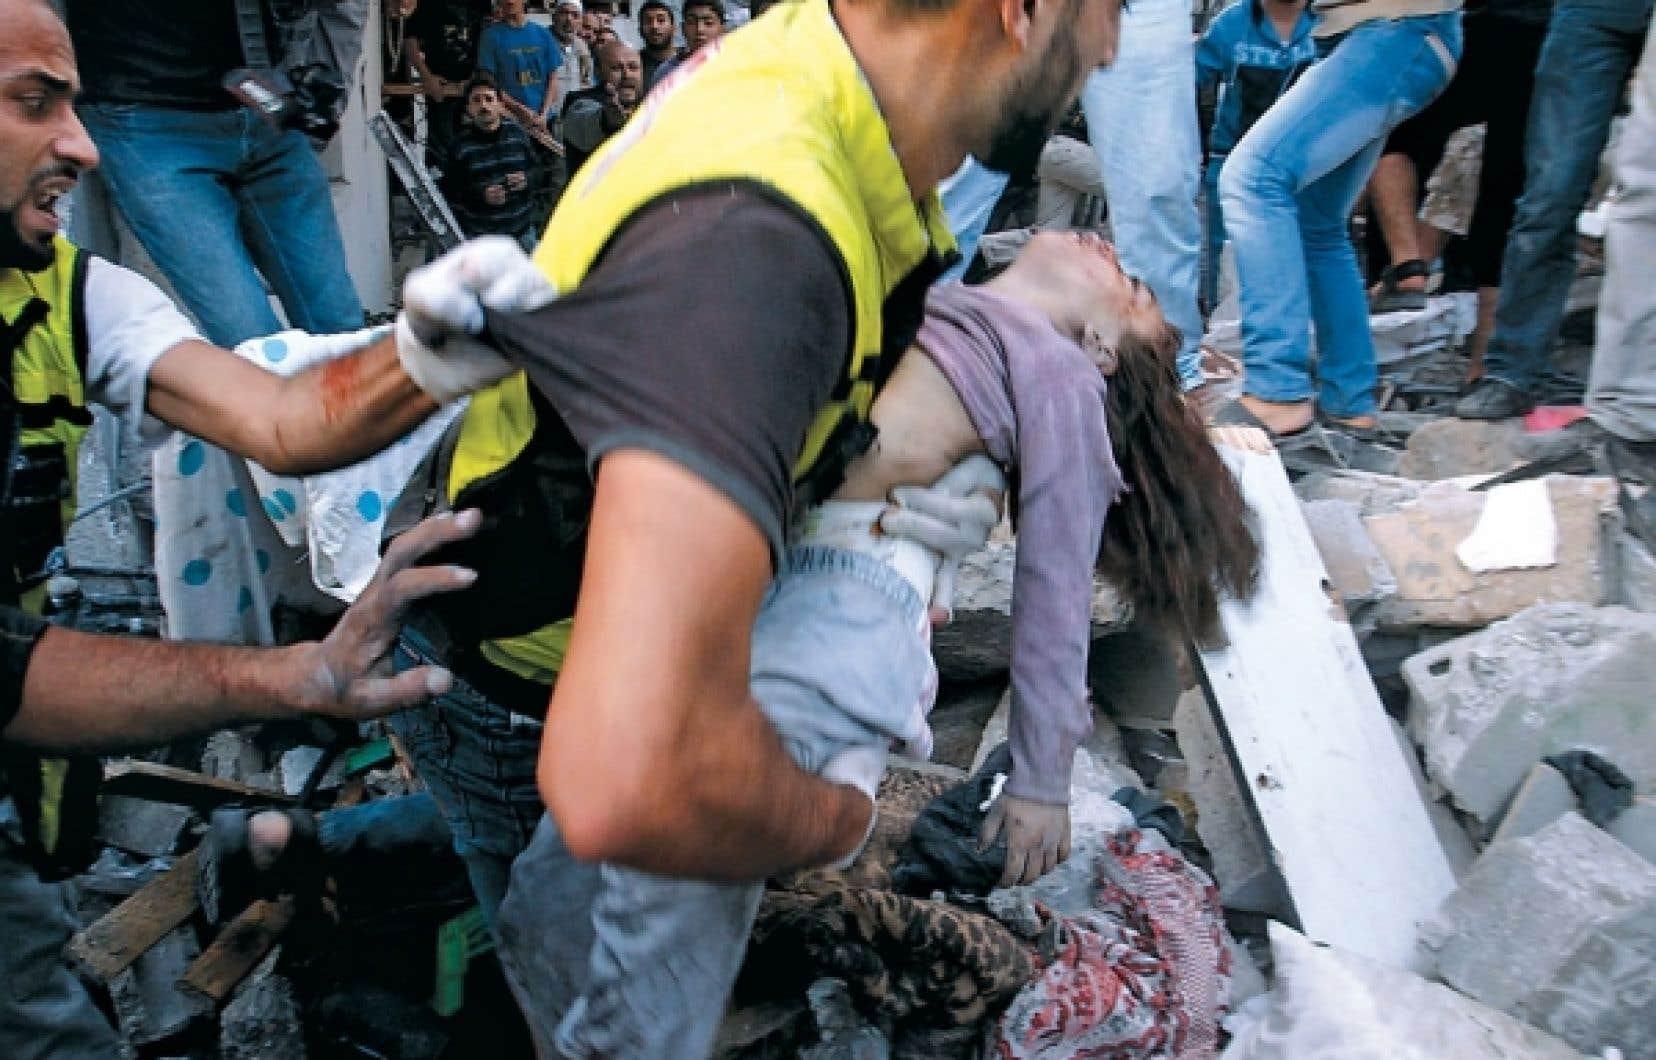 Un secouriste transporte une enfant retirée des décombres d'une maison de Gaza bombardée par l'armée israélienne. L'opération militaire de dimanche a causé la mort d'au moins 29 personnes, dont la moitié étaient des femmes et des enfants, selon les autorités médicales de Gaza.